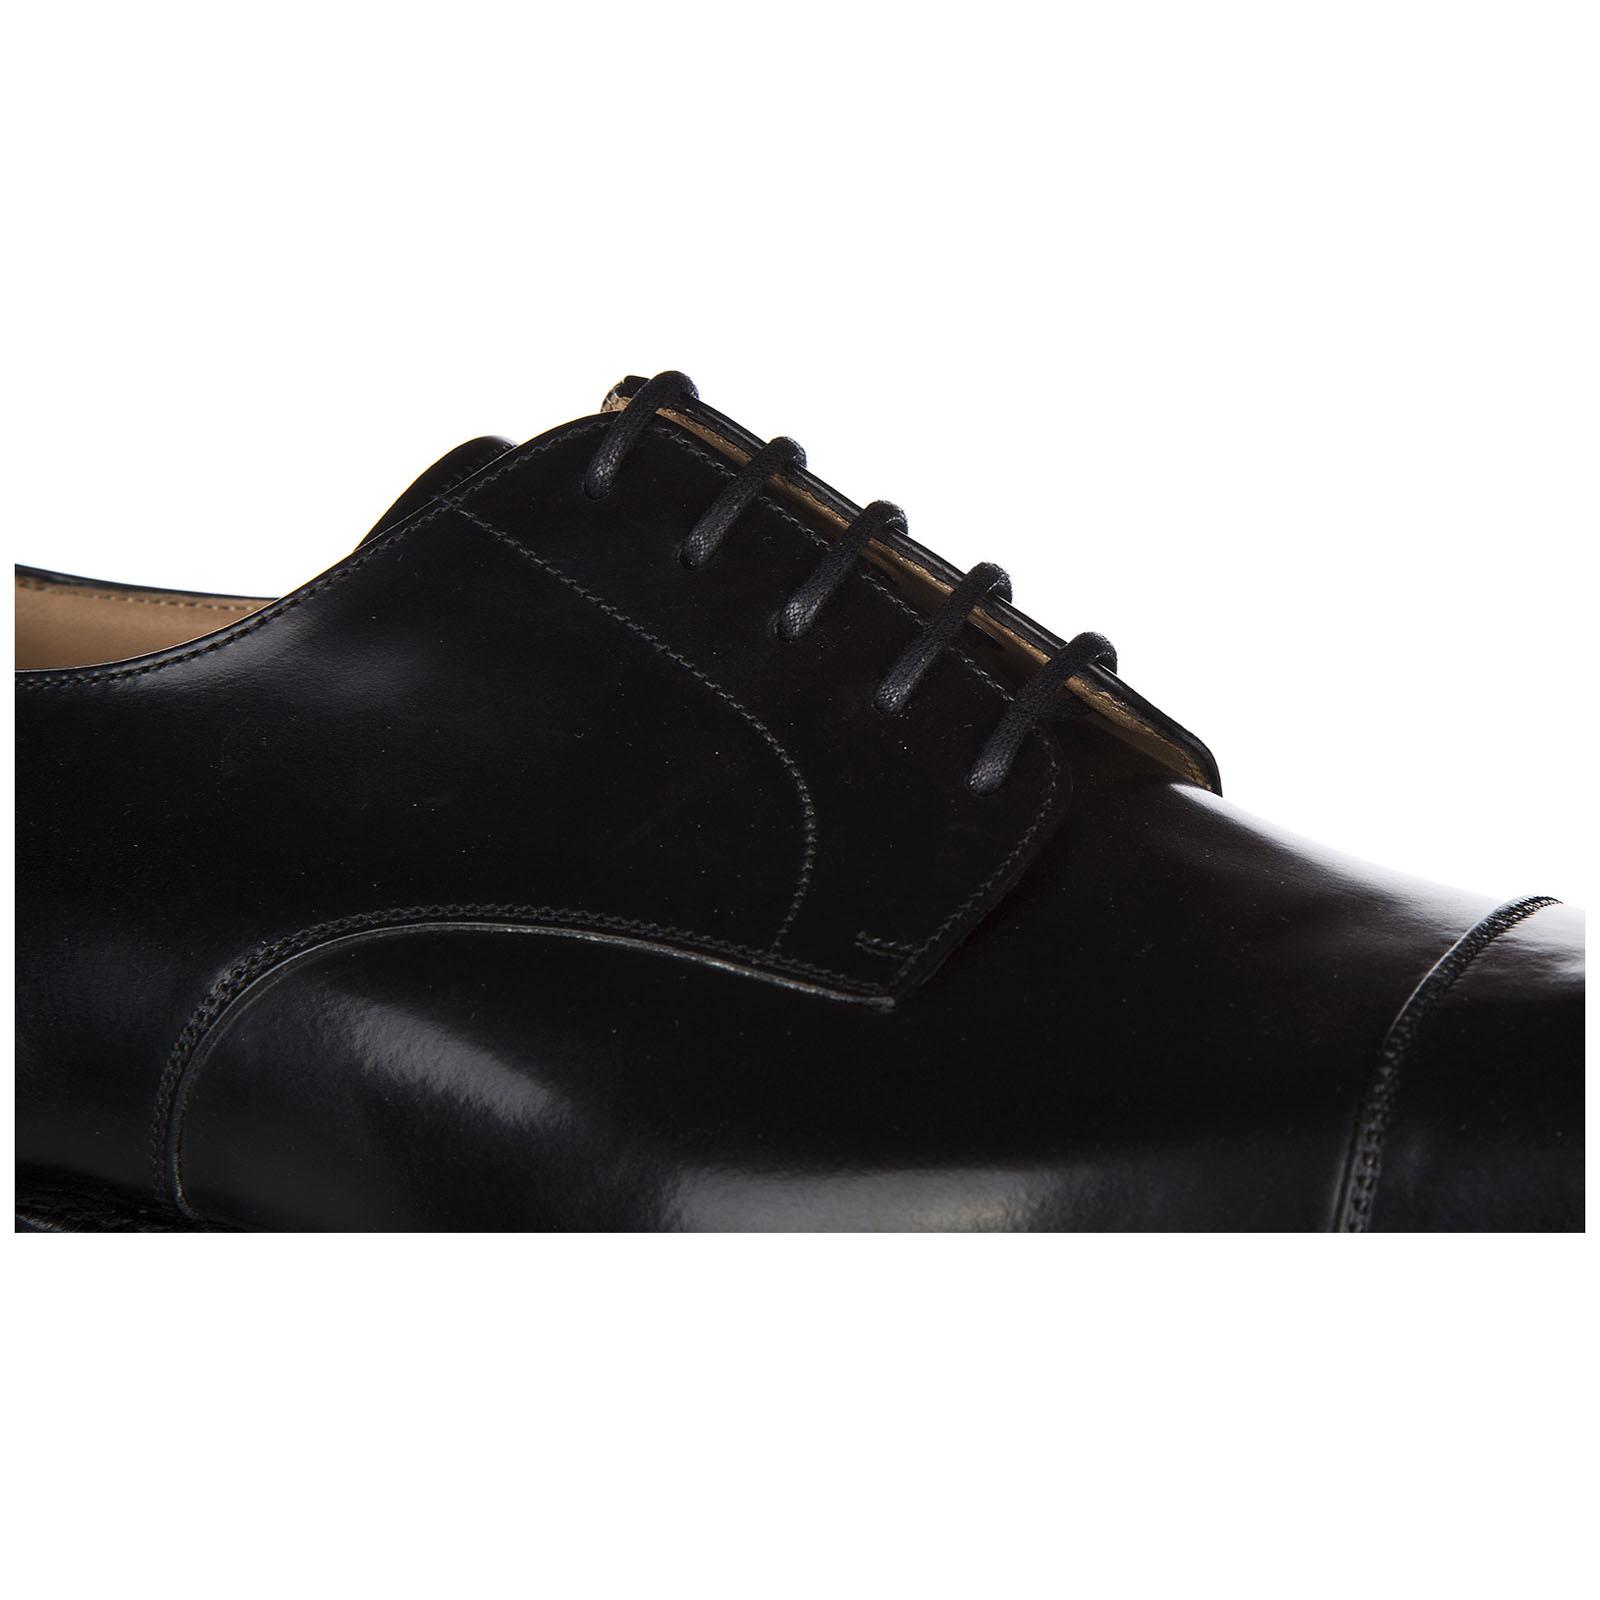 Clásico zapatos de cordones hombres en piel cartmel 173 derby